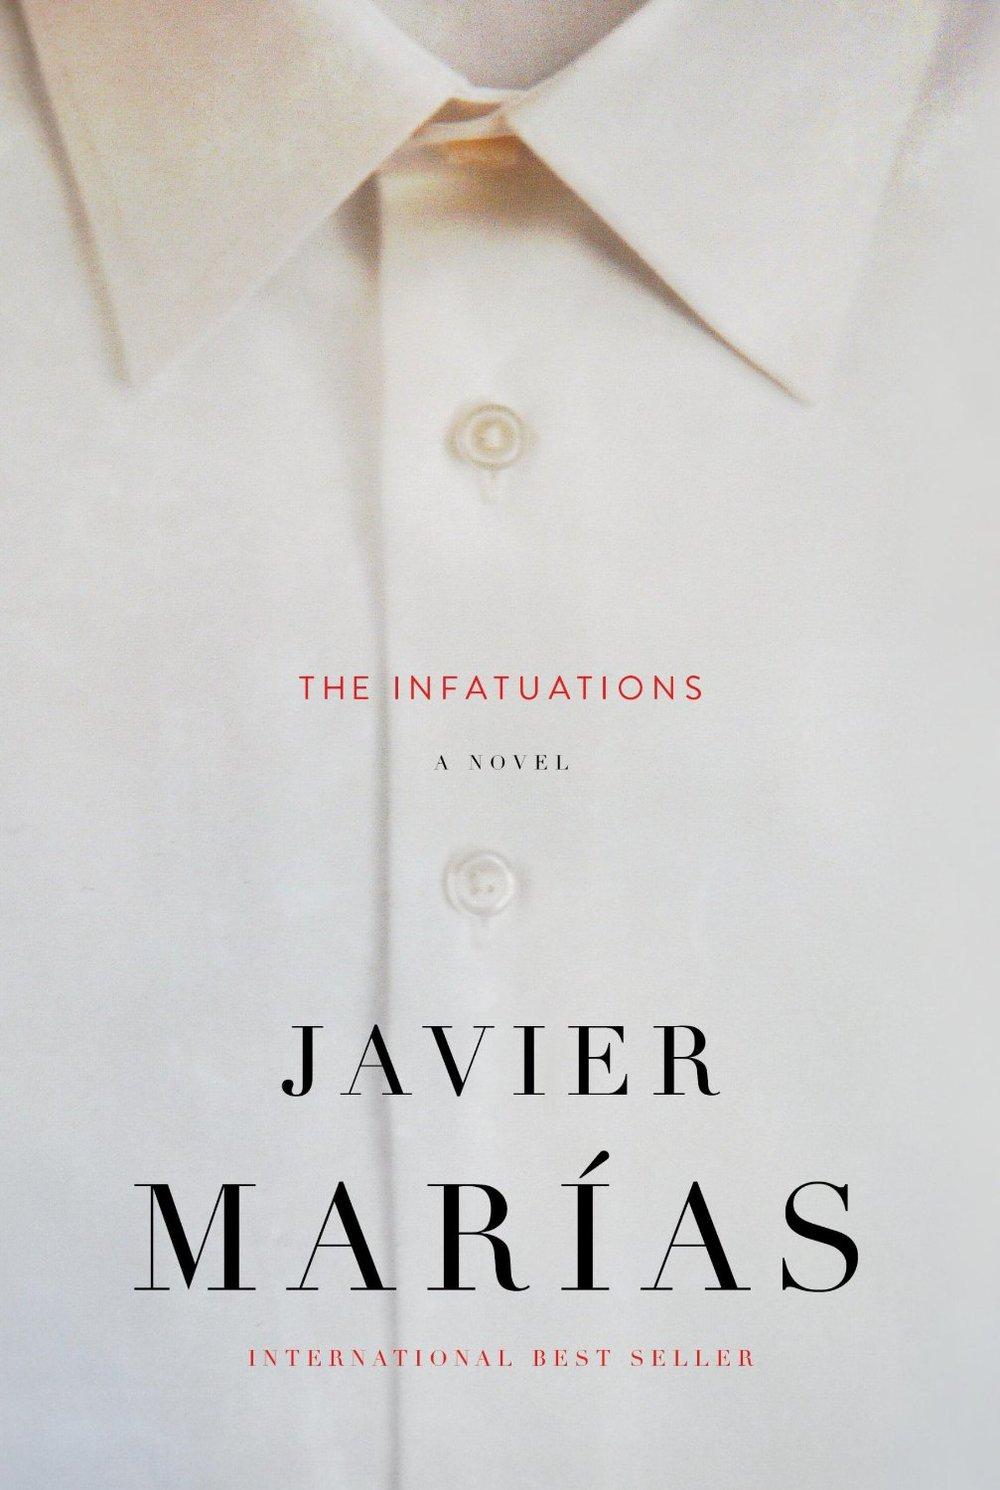 """""""The Infatuations"""", escrito por Javier Marías (Los enamoramientos) e traduzido do ESPANHOL para o INGLÊS por Margaret Jull Costa, está entre os finalistas na categoria FICÇÃO"""